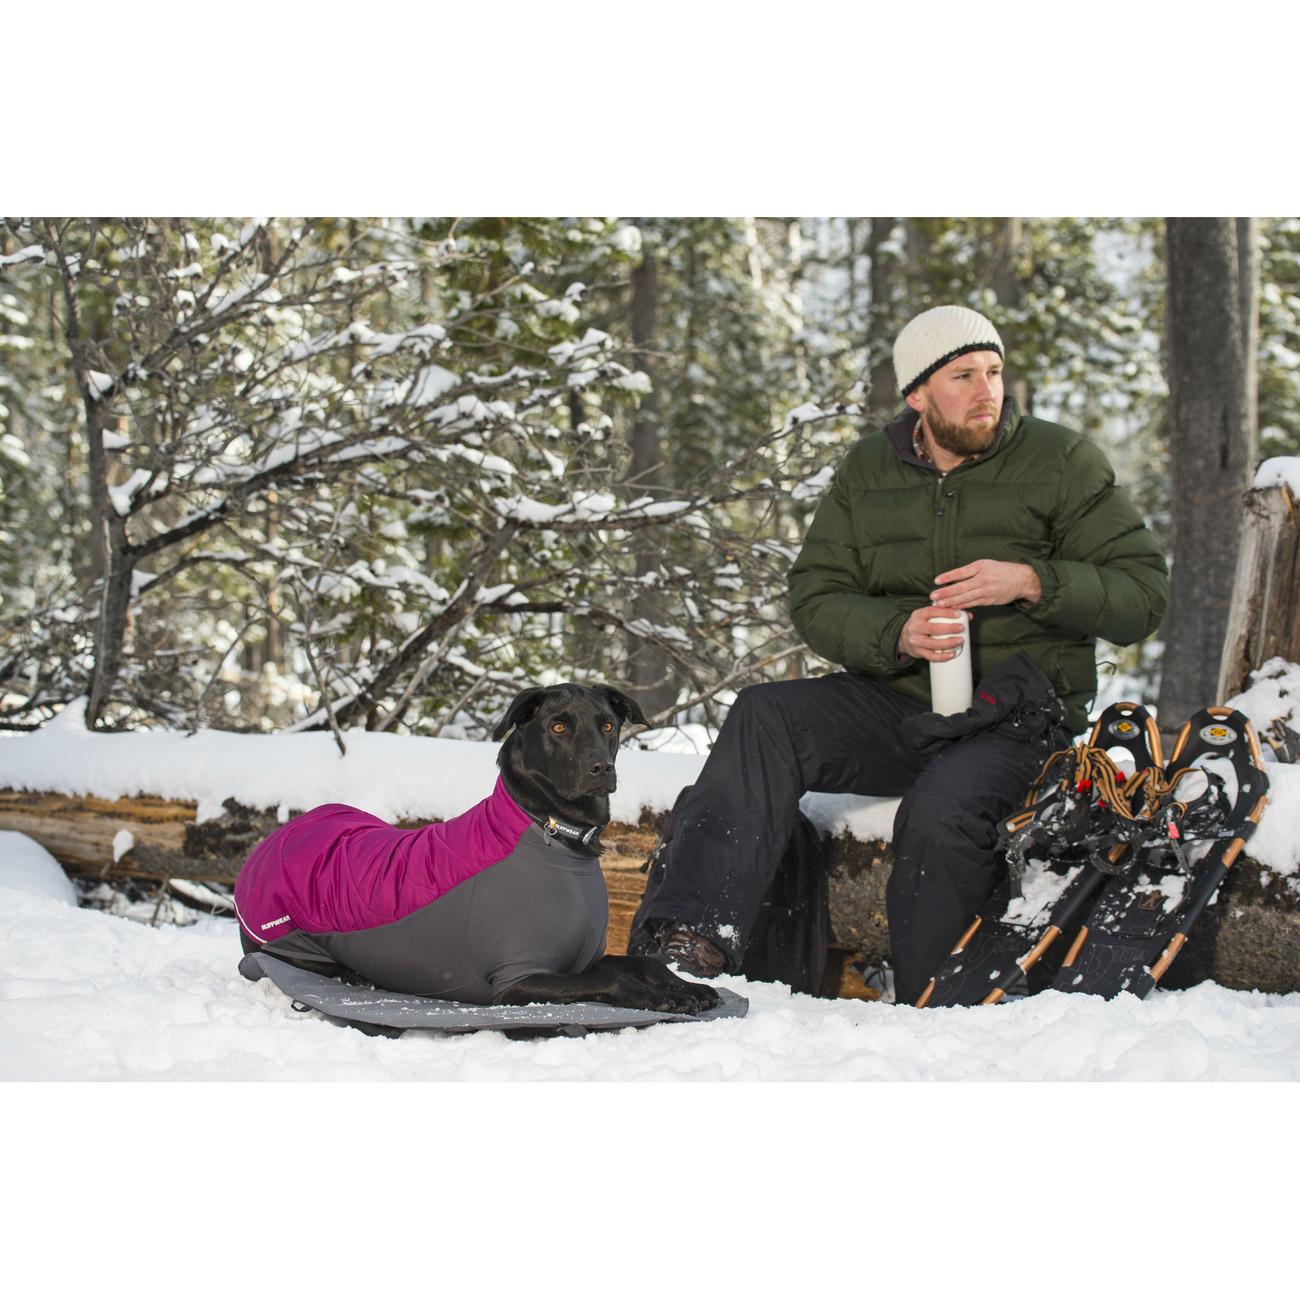 Ruffwear Highlands Pad Hundedecke, Bild 2